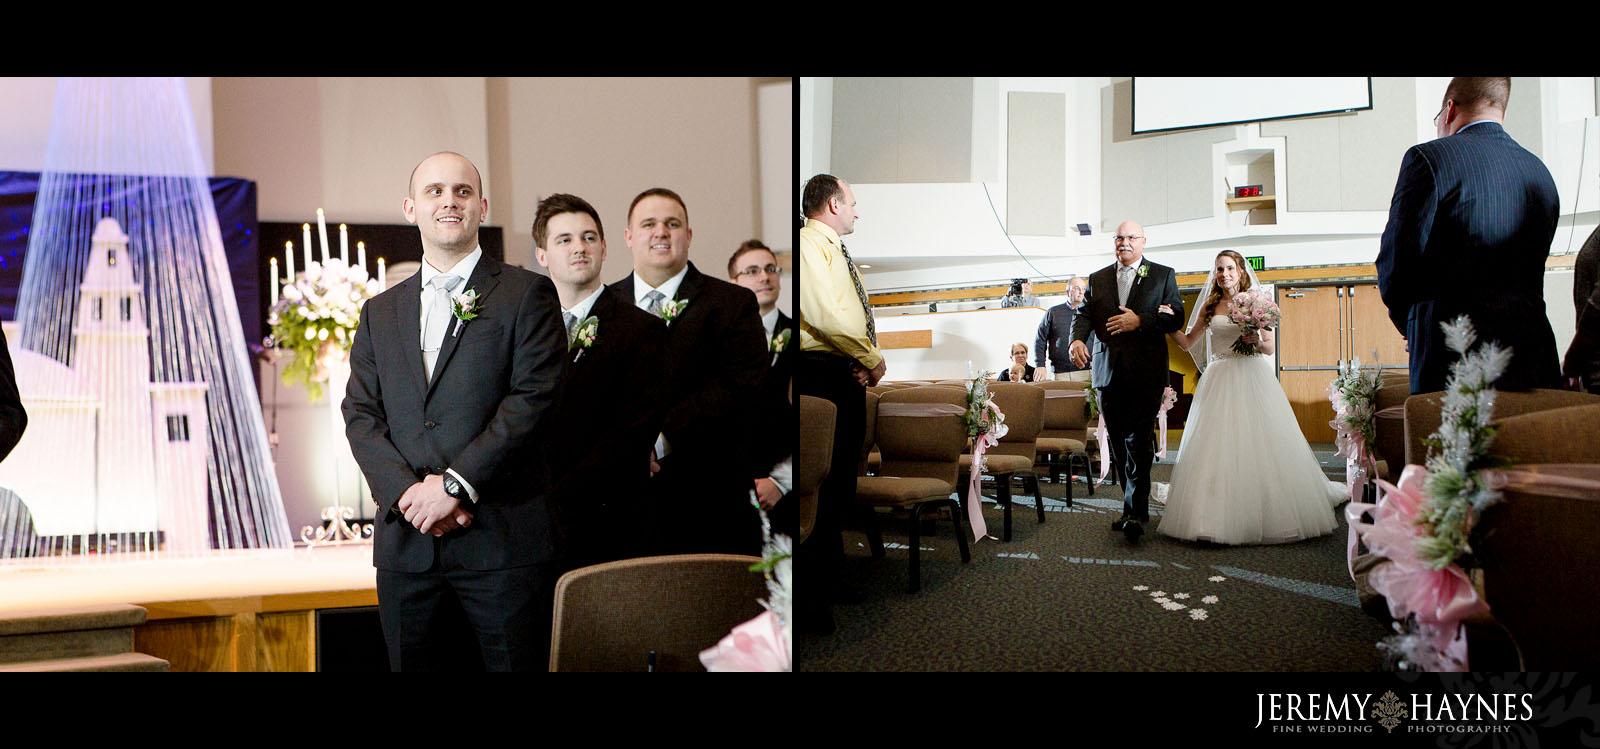 03-emmanuel-community-church-fort-wayne-wedding-photography-ideas.jpg